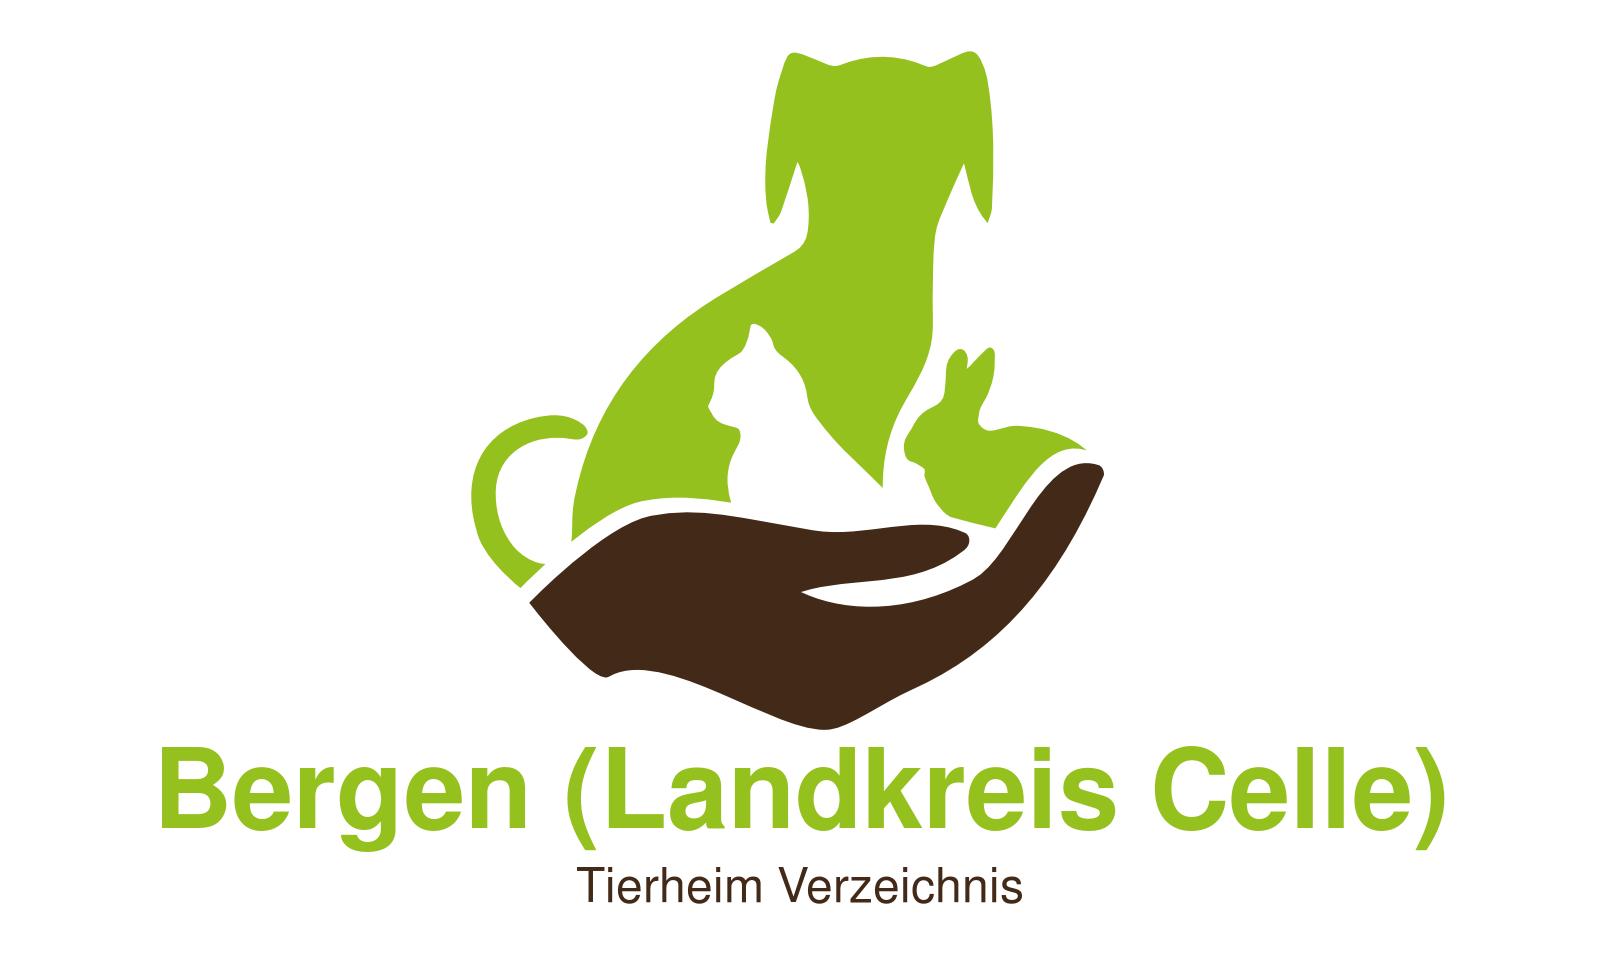 Tierheim Bergen (Landkreis Celle)